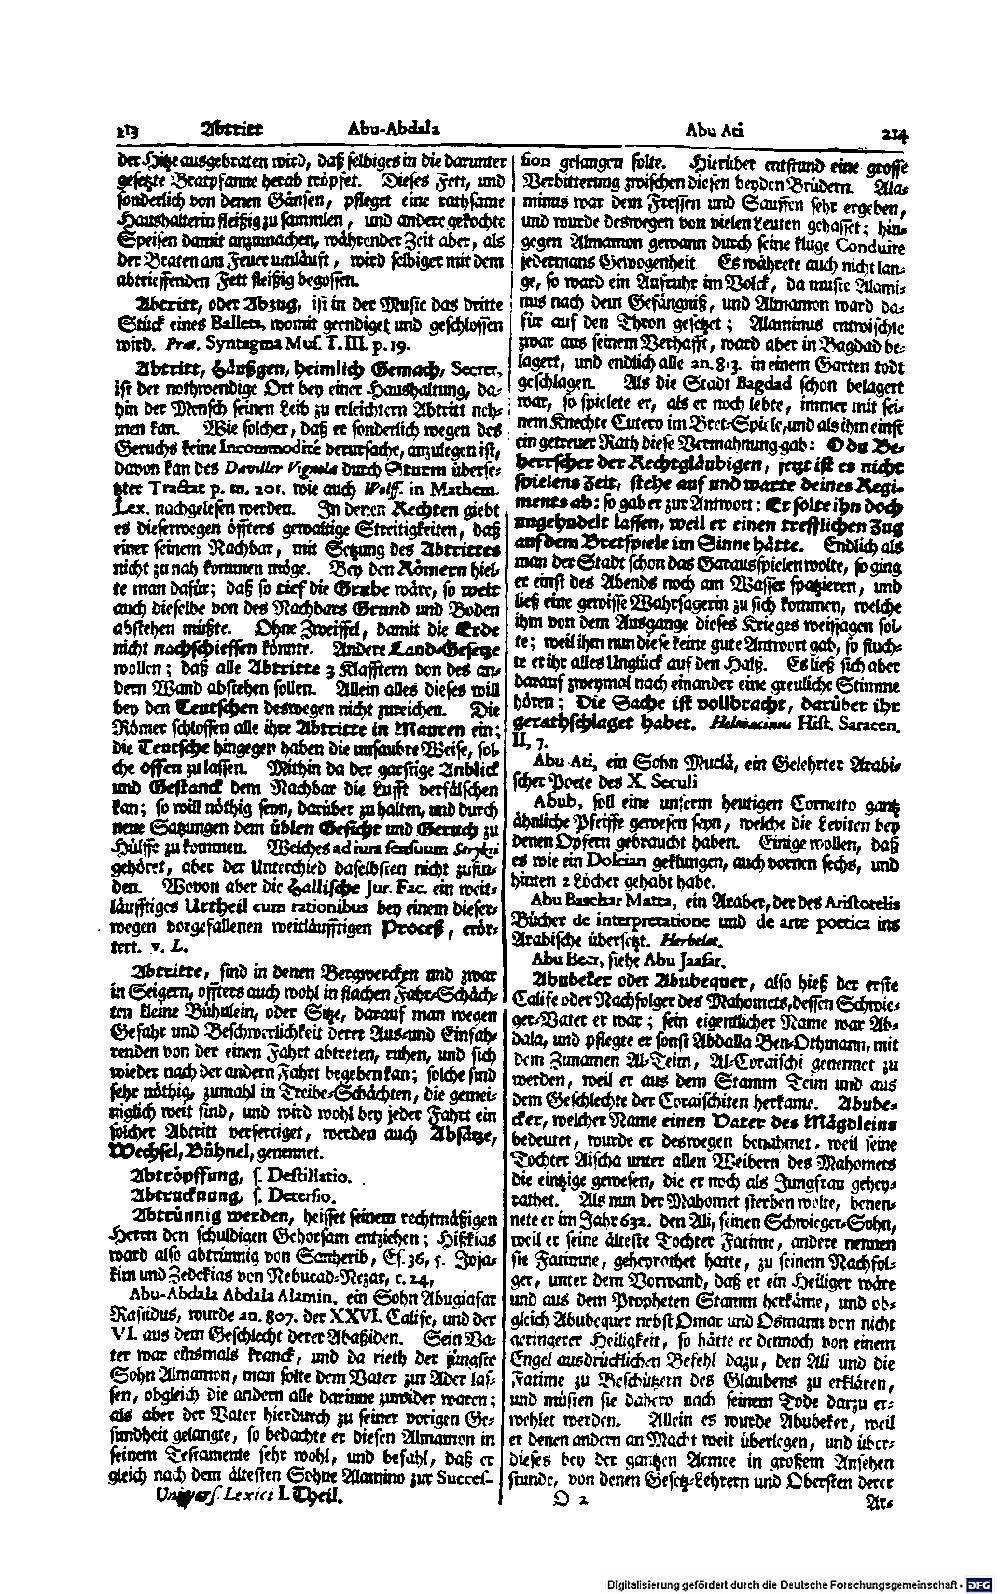 Bd. 1, Seite 0146.